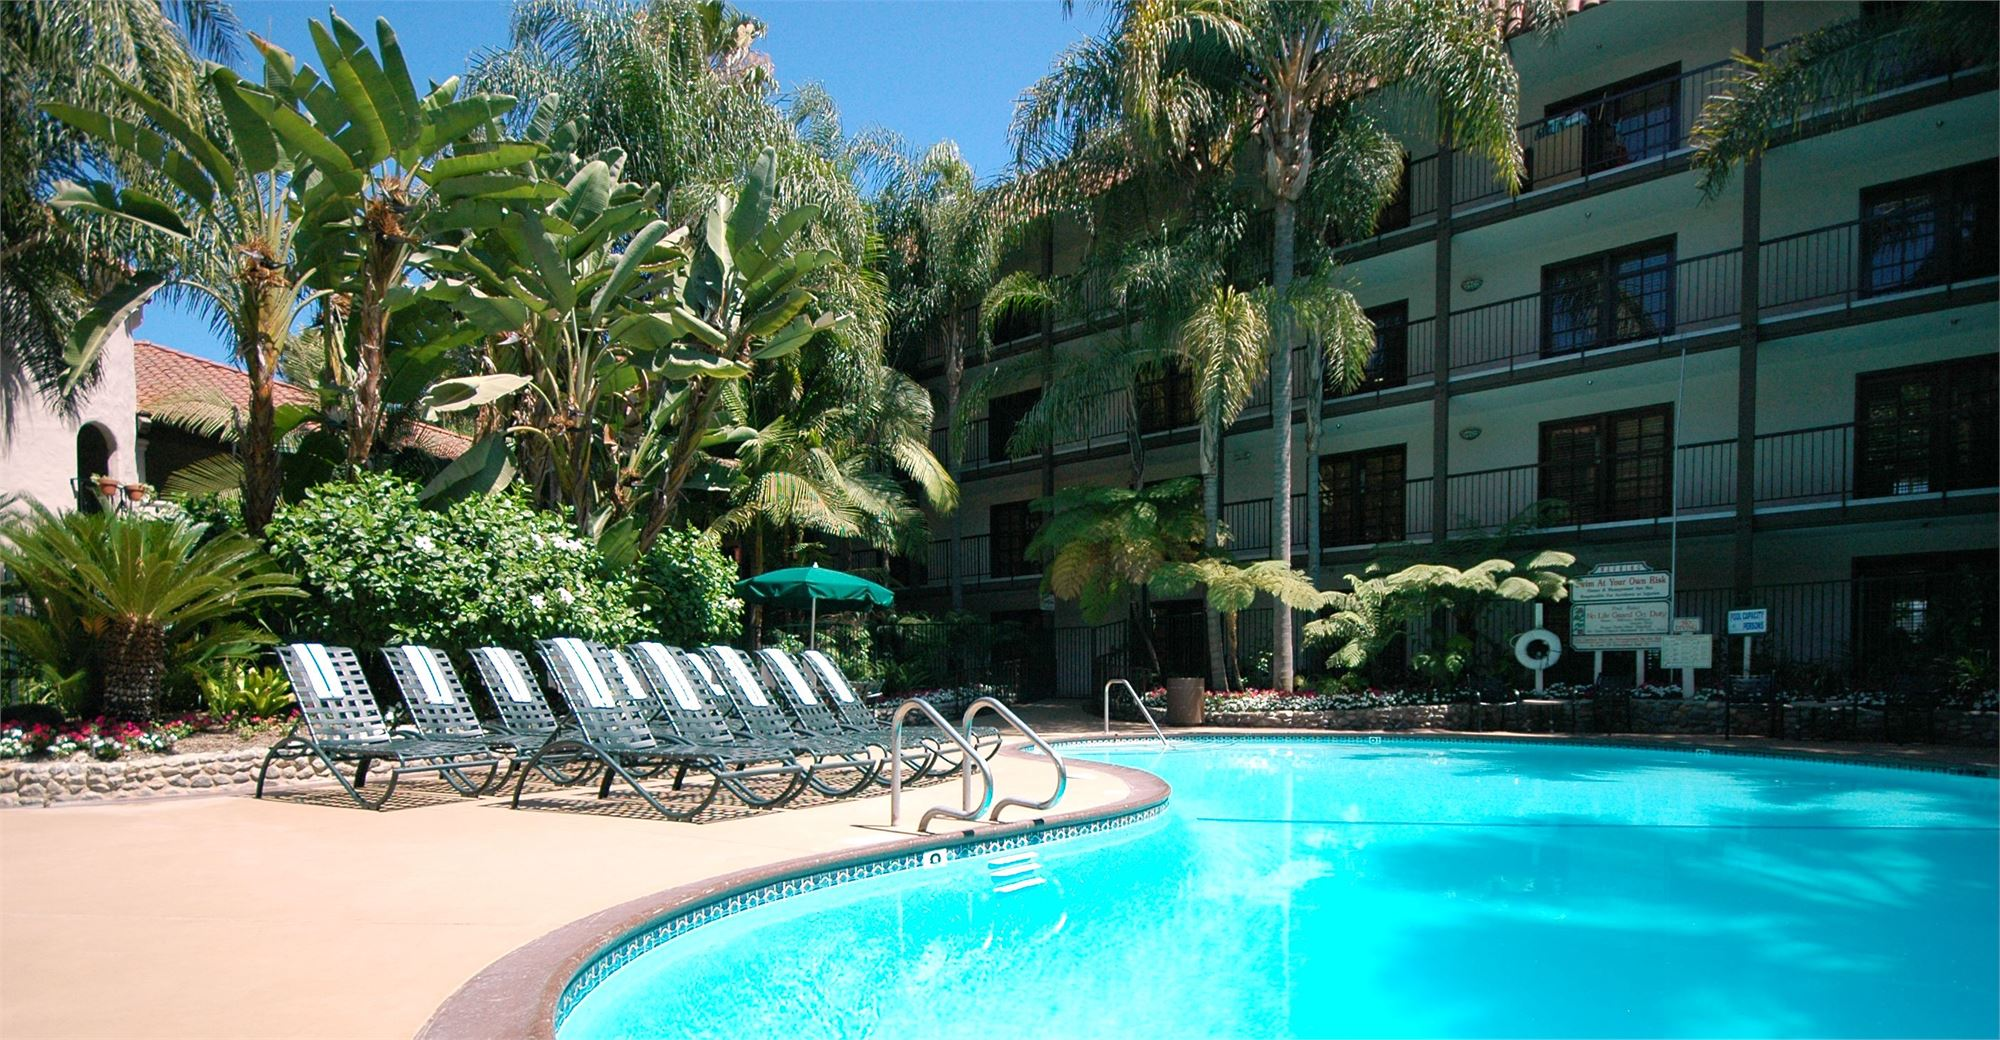 Pool at Radisson Suites in Buena Park